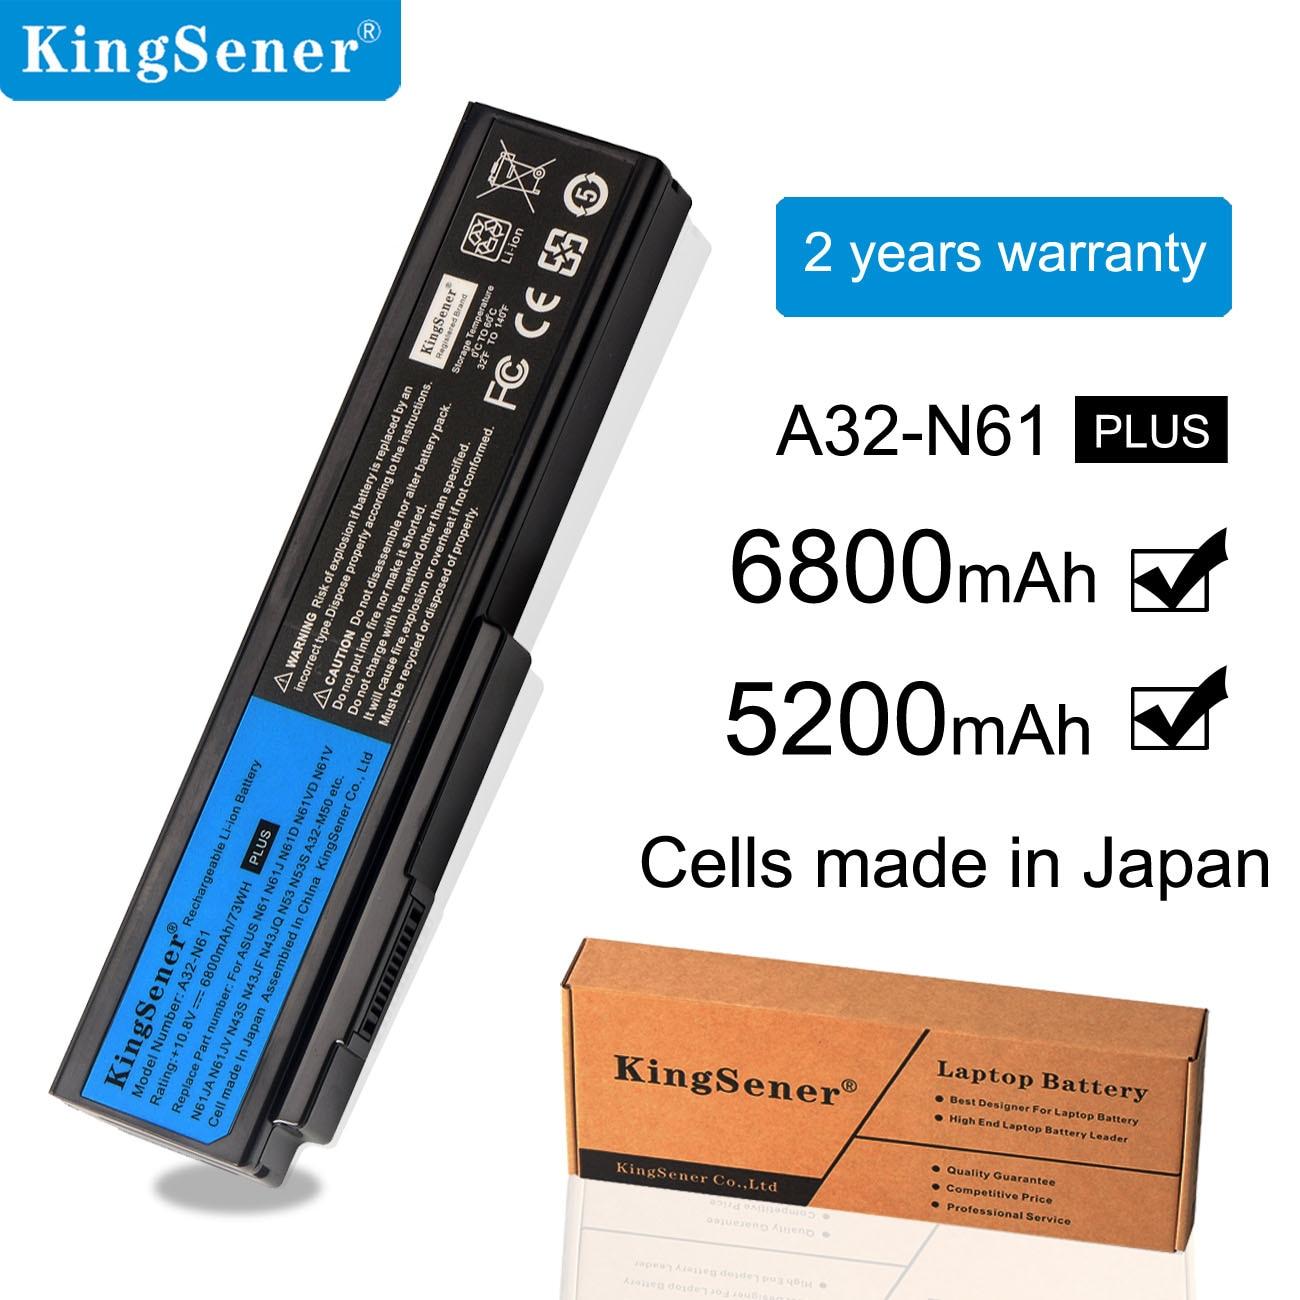 KingSener Corée Portable A32-N61 Batterie pour ASUS N61 N61J N61D N61V N61VG N61JA N61JV M50s N43S N43JF N43JQ N53 N53S N53SV A32-M50